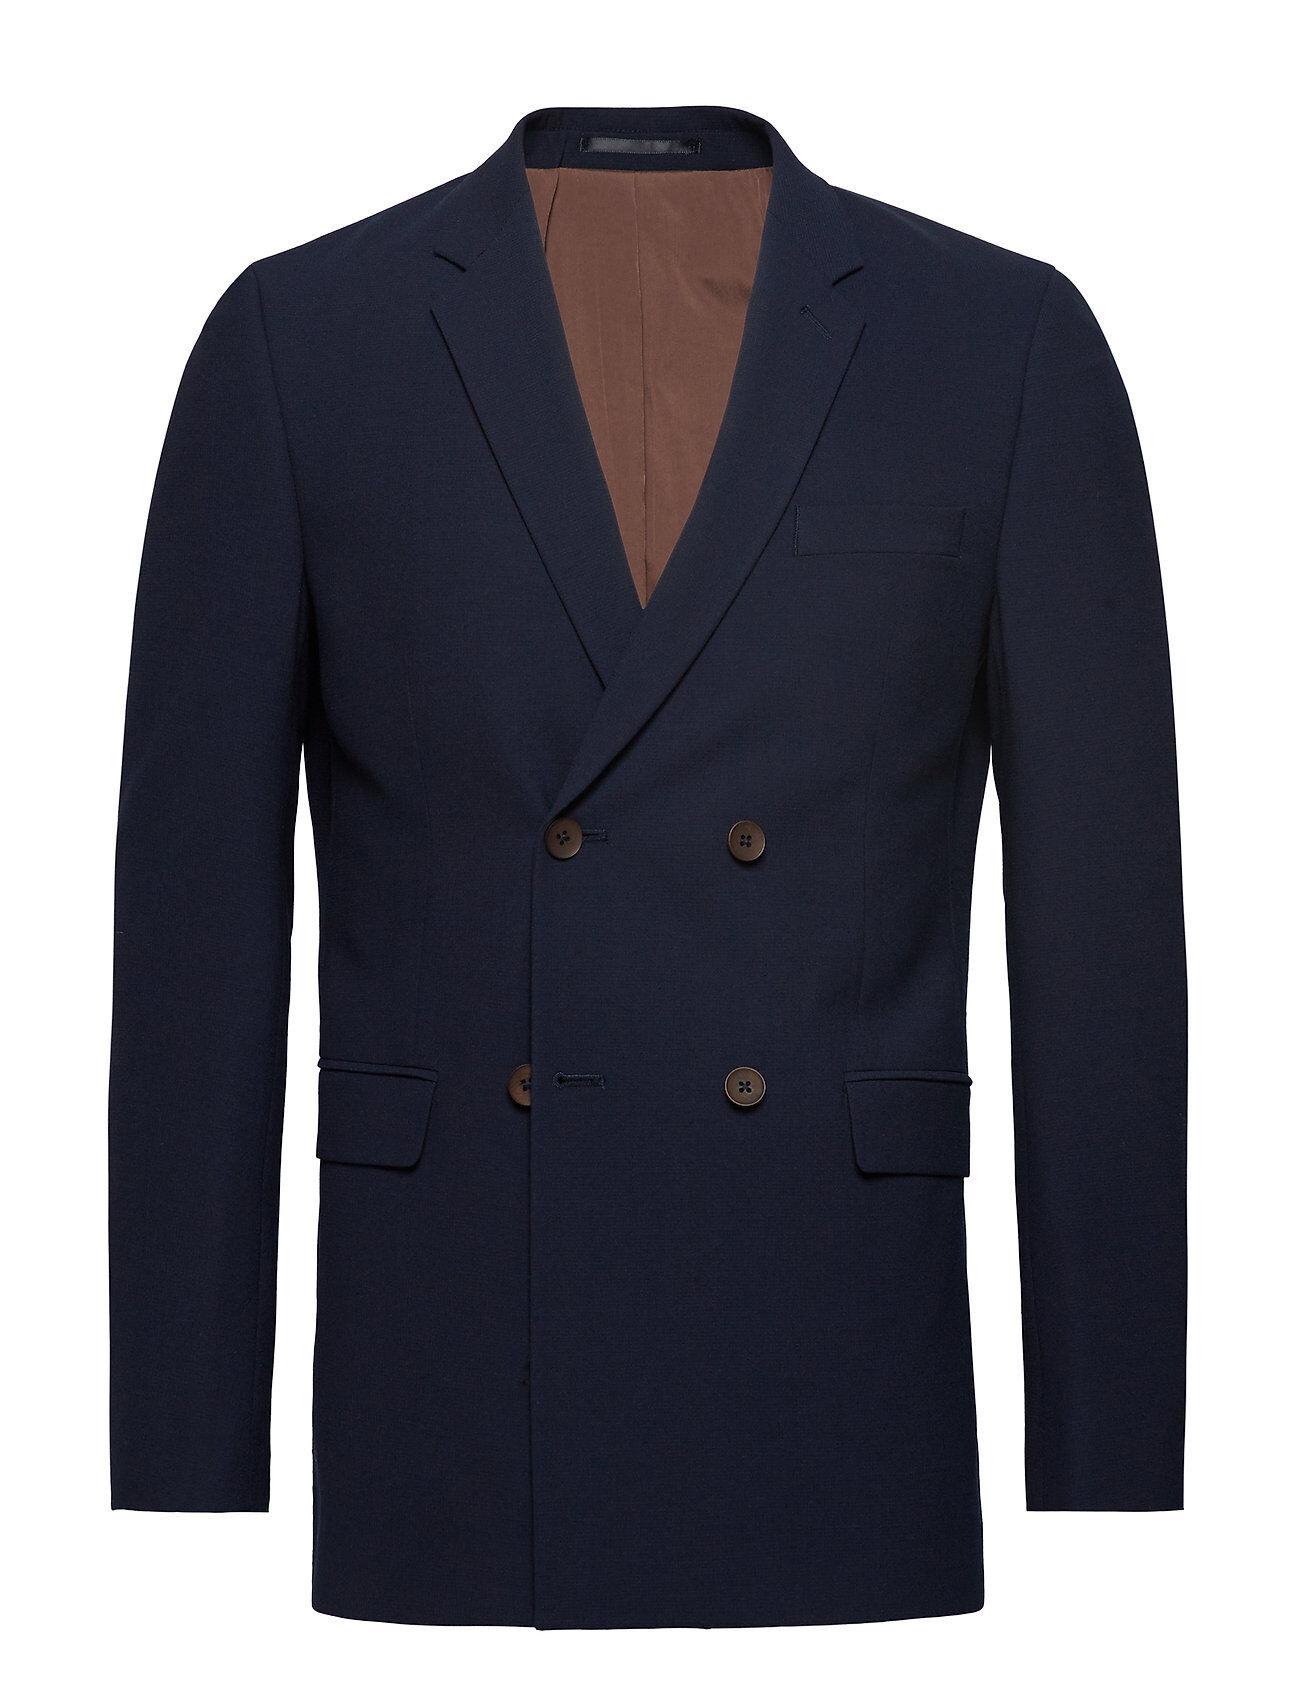 Esprit Collection Blazers Suit